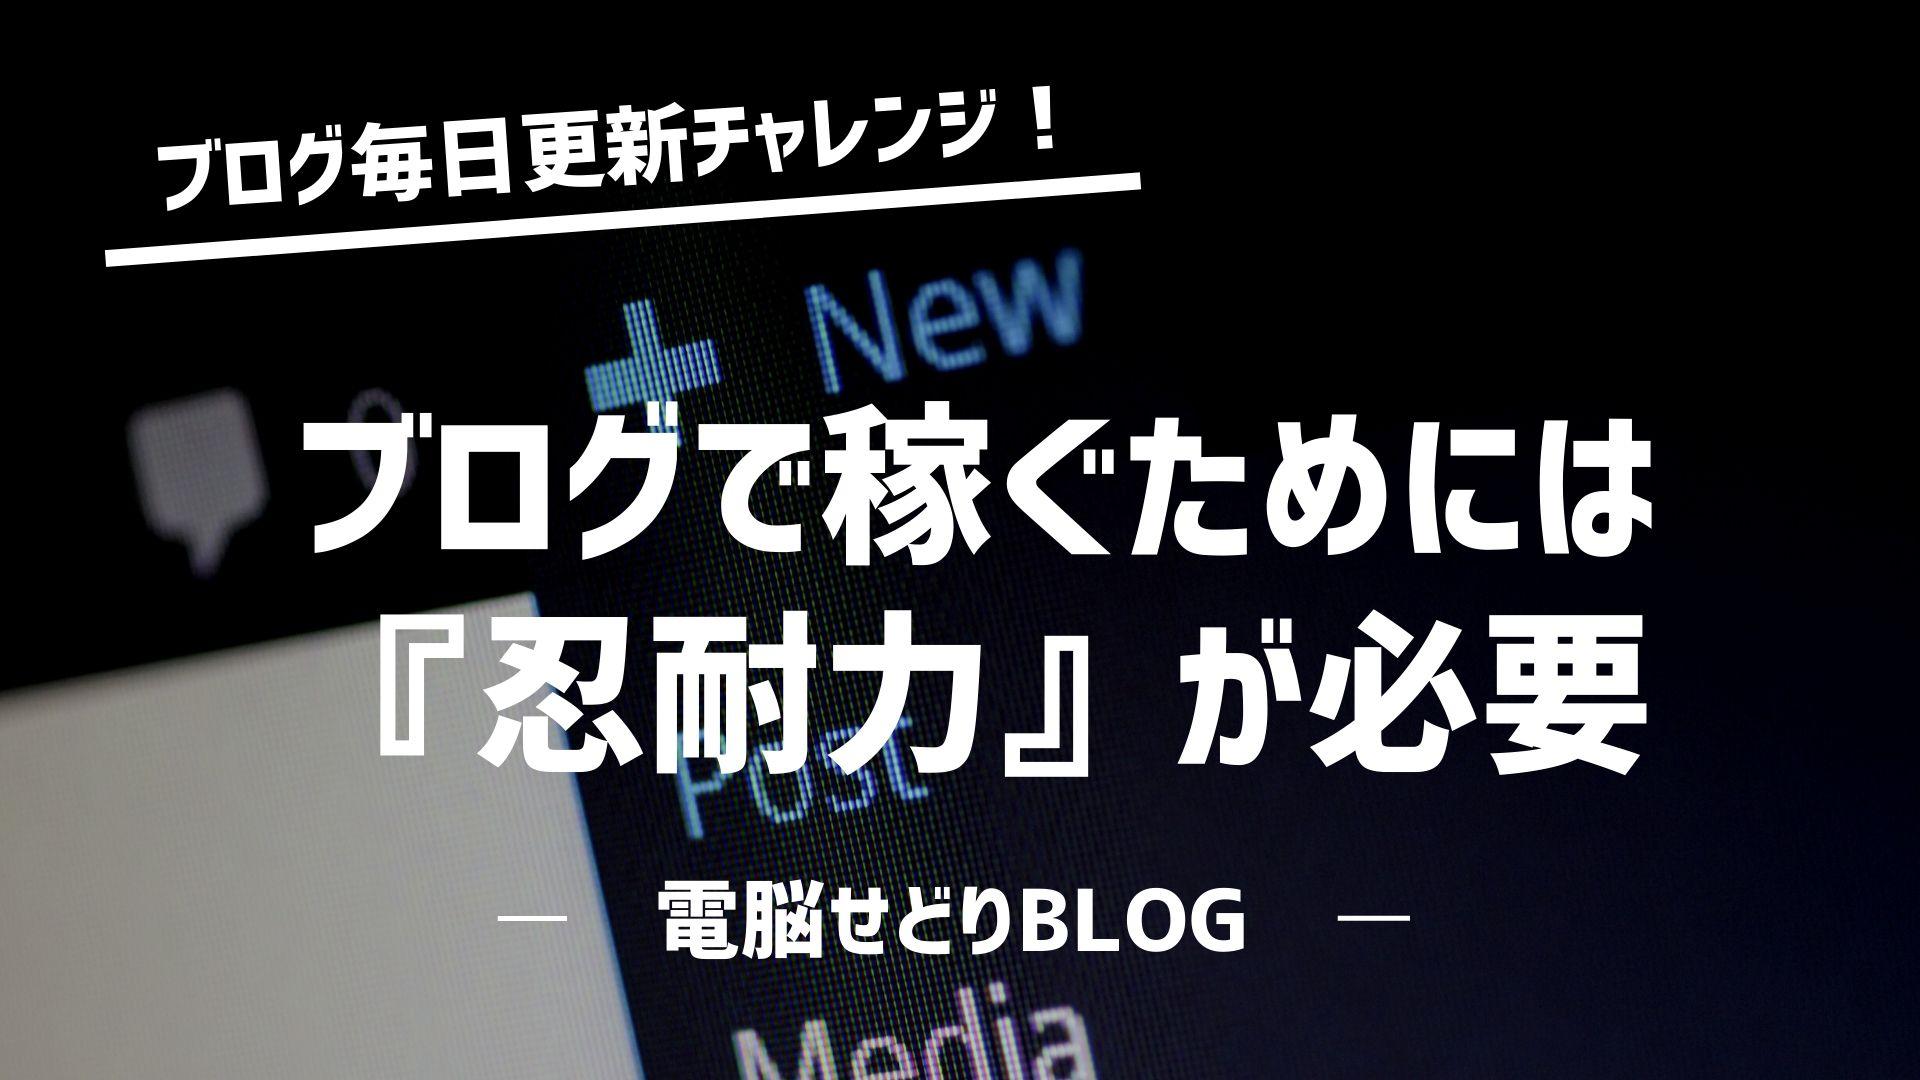 『ブログ毎日更新チャレンジ!』ブログを4か月連続更新した結果を公開!